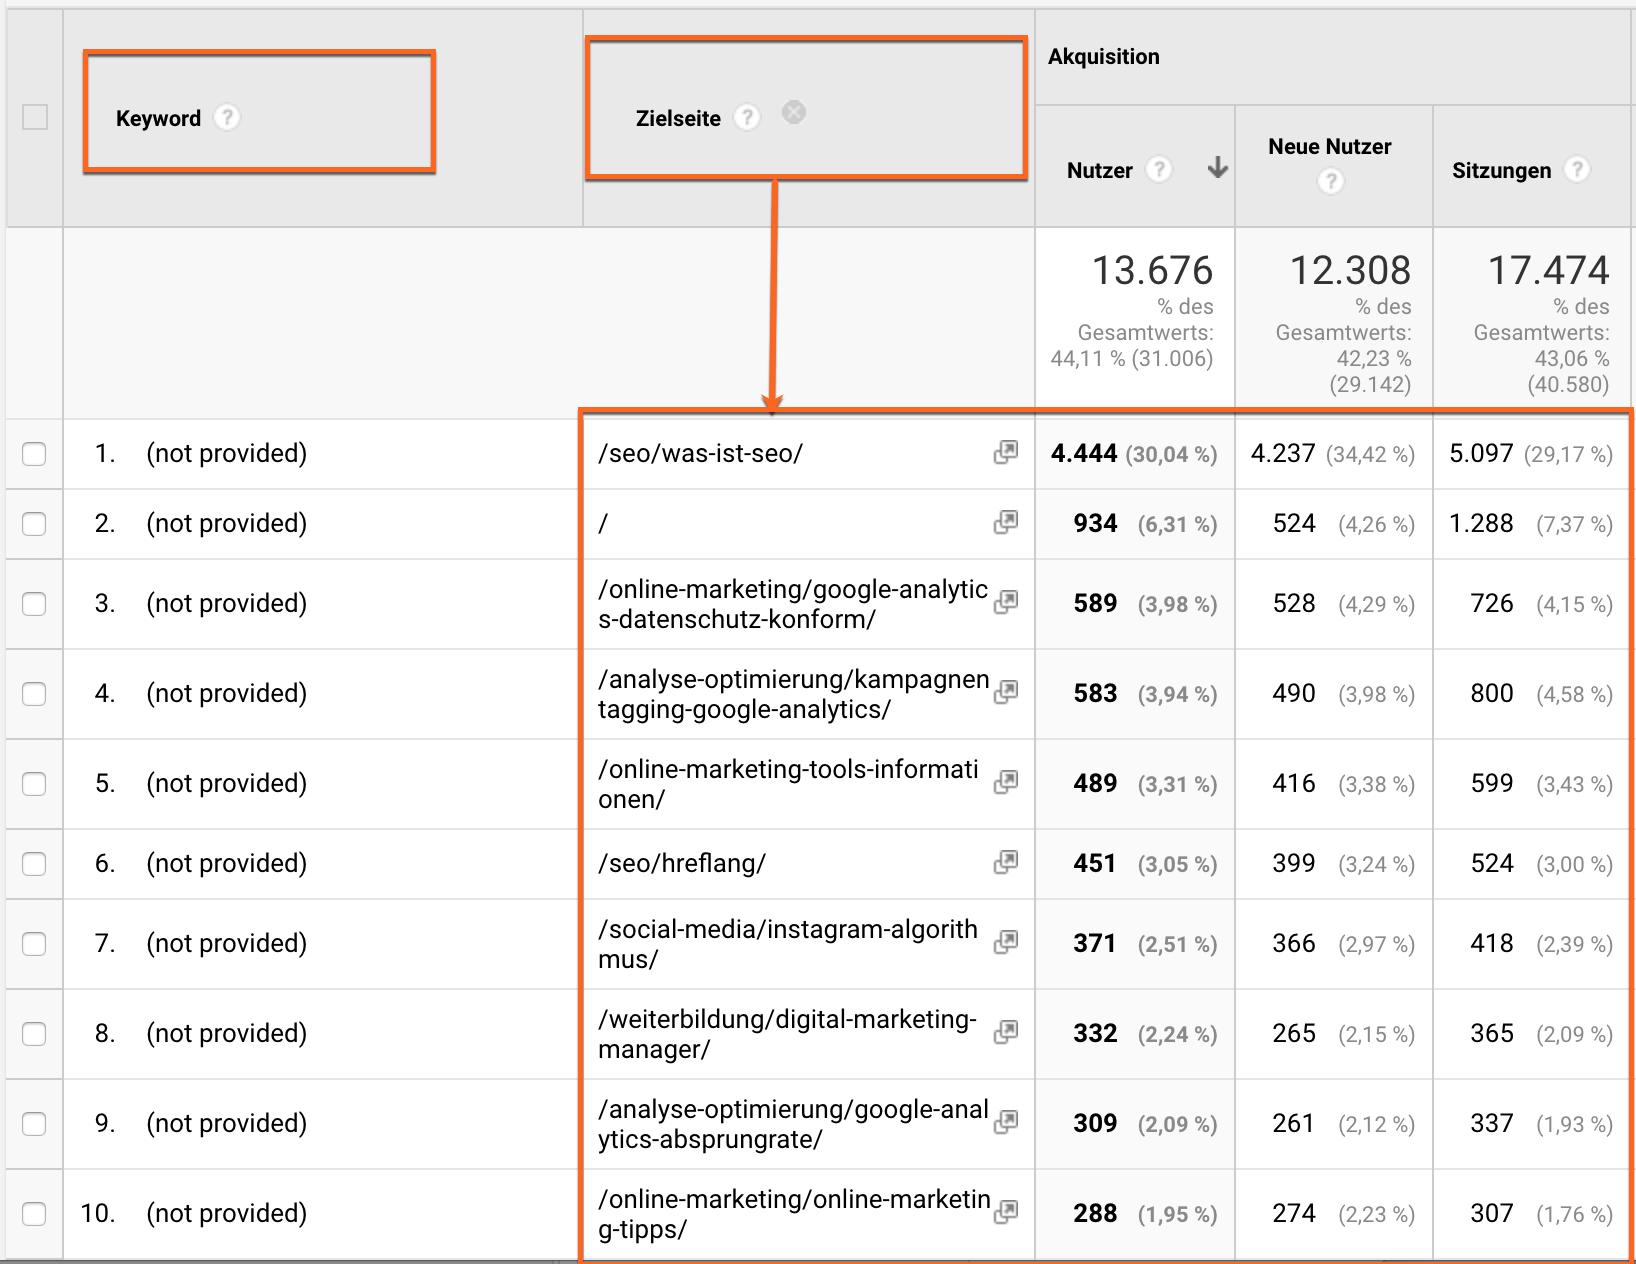 (not provided) in Google Analytics über eine sekundäre Dimension aufschlüsseln